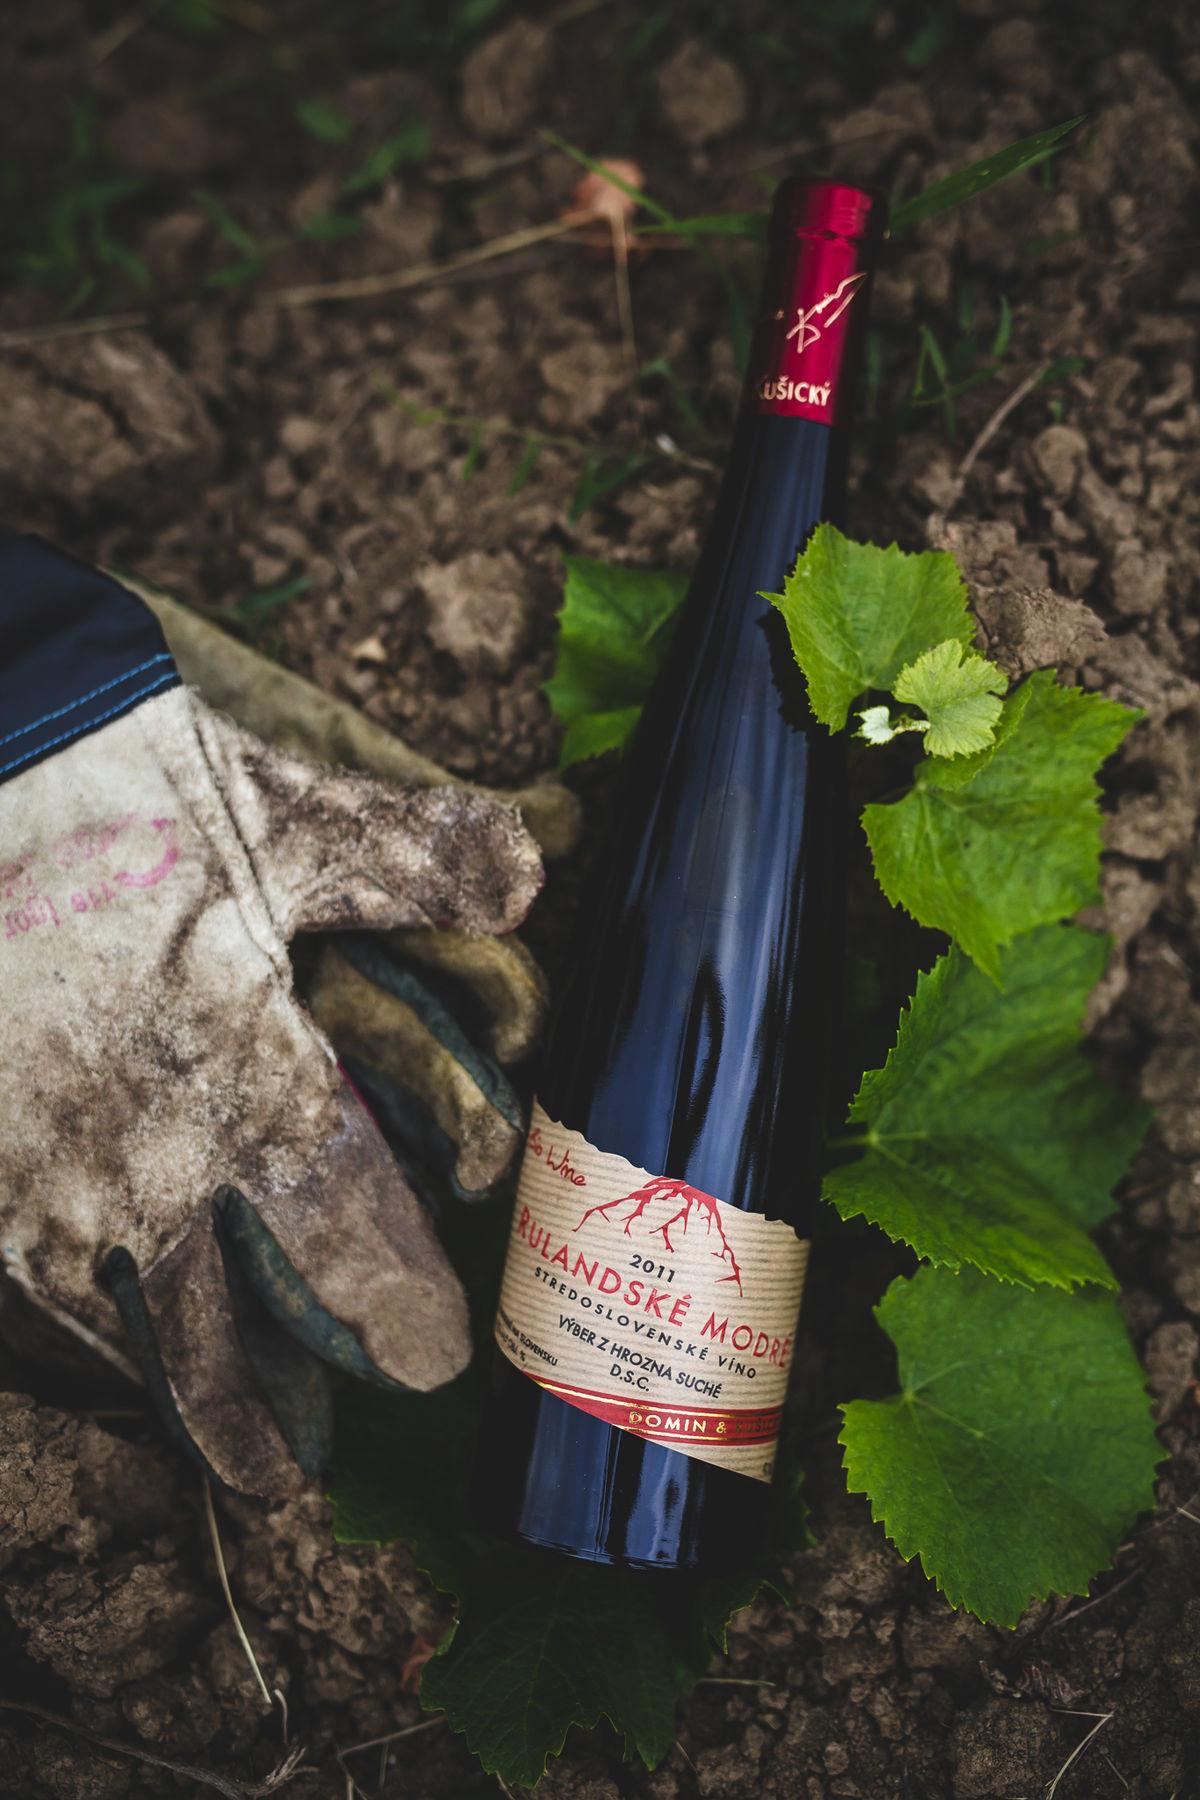 Víno v objatí zeme.